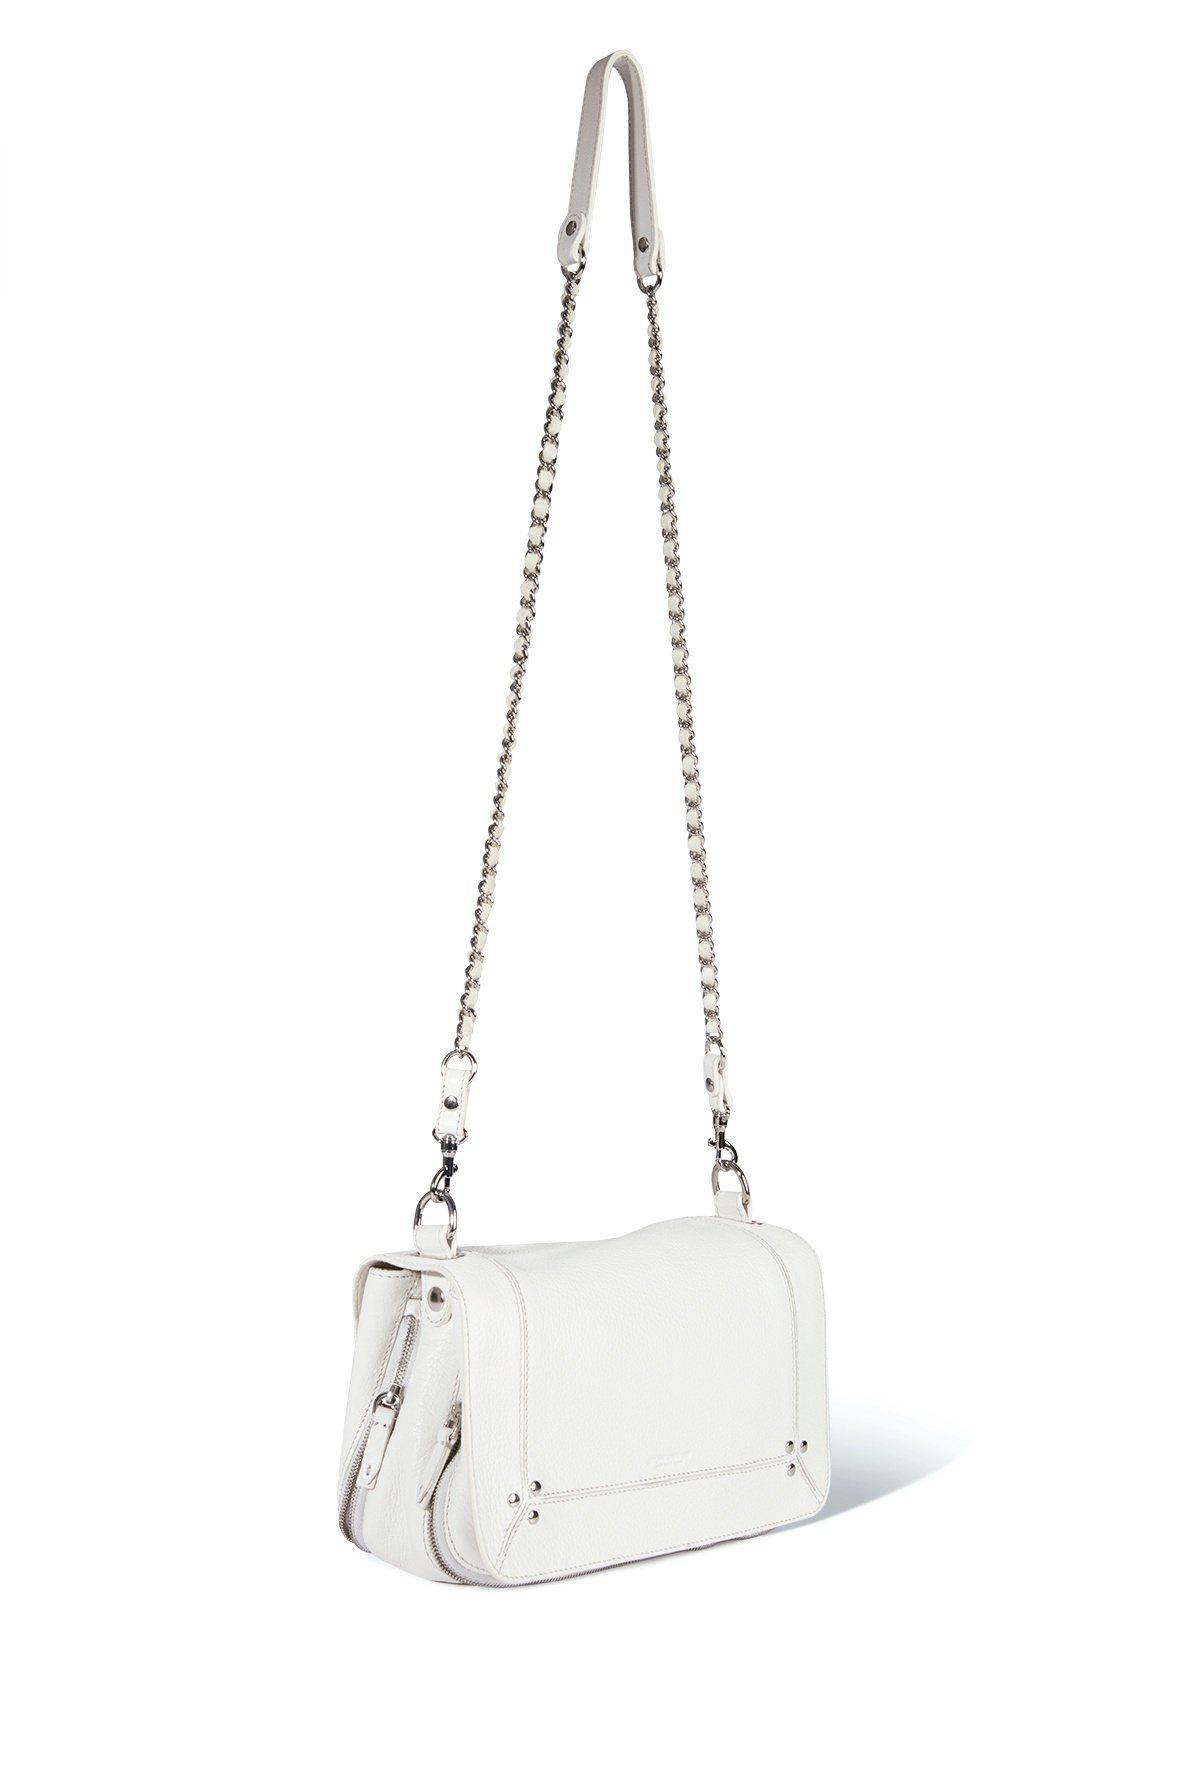 Bobi皚雪白山羊皮手袋,售價25,800元。圖/Jérôme Dreyfuss...